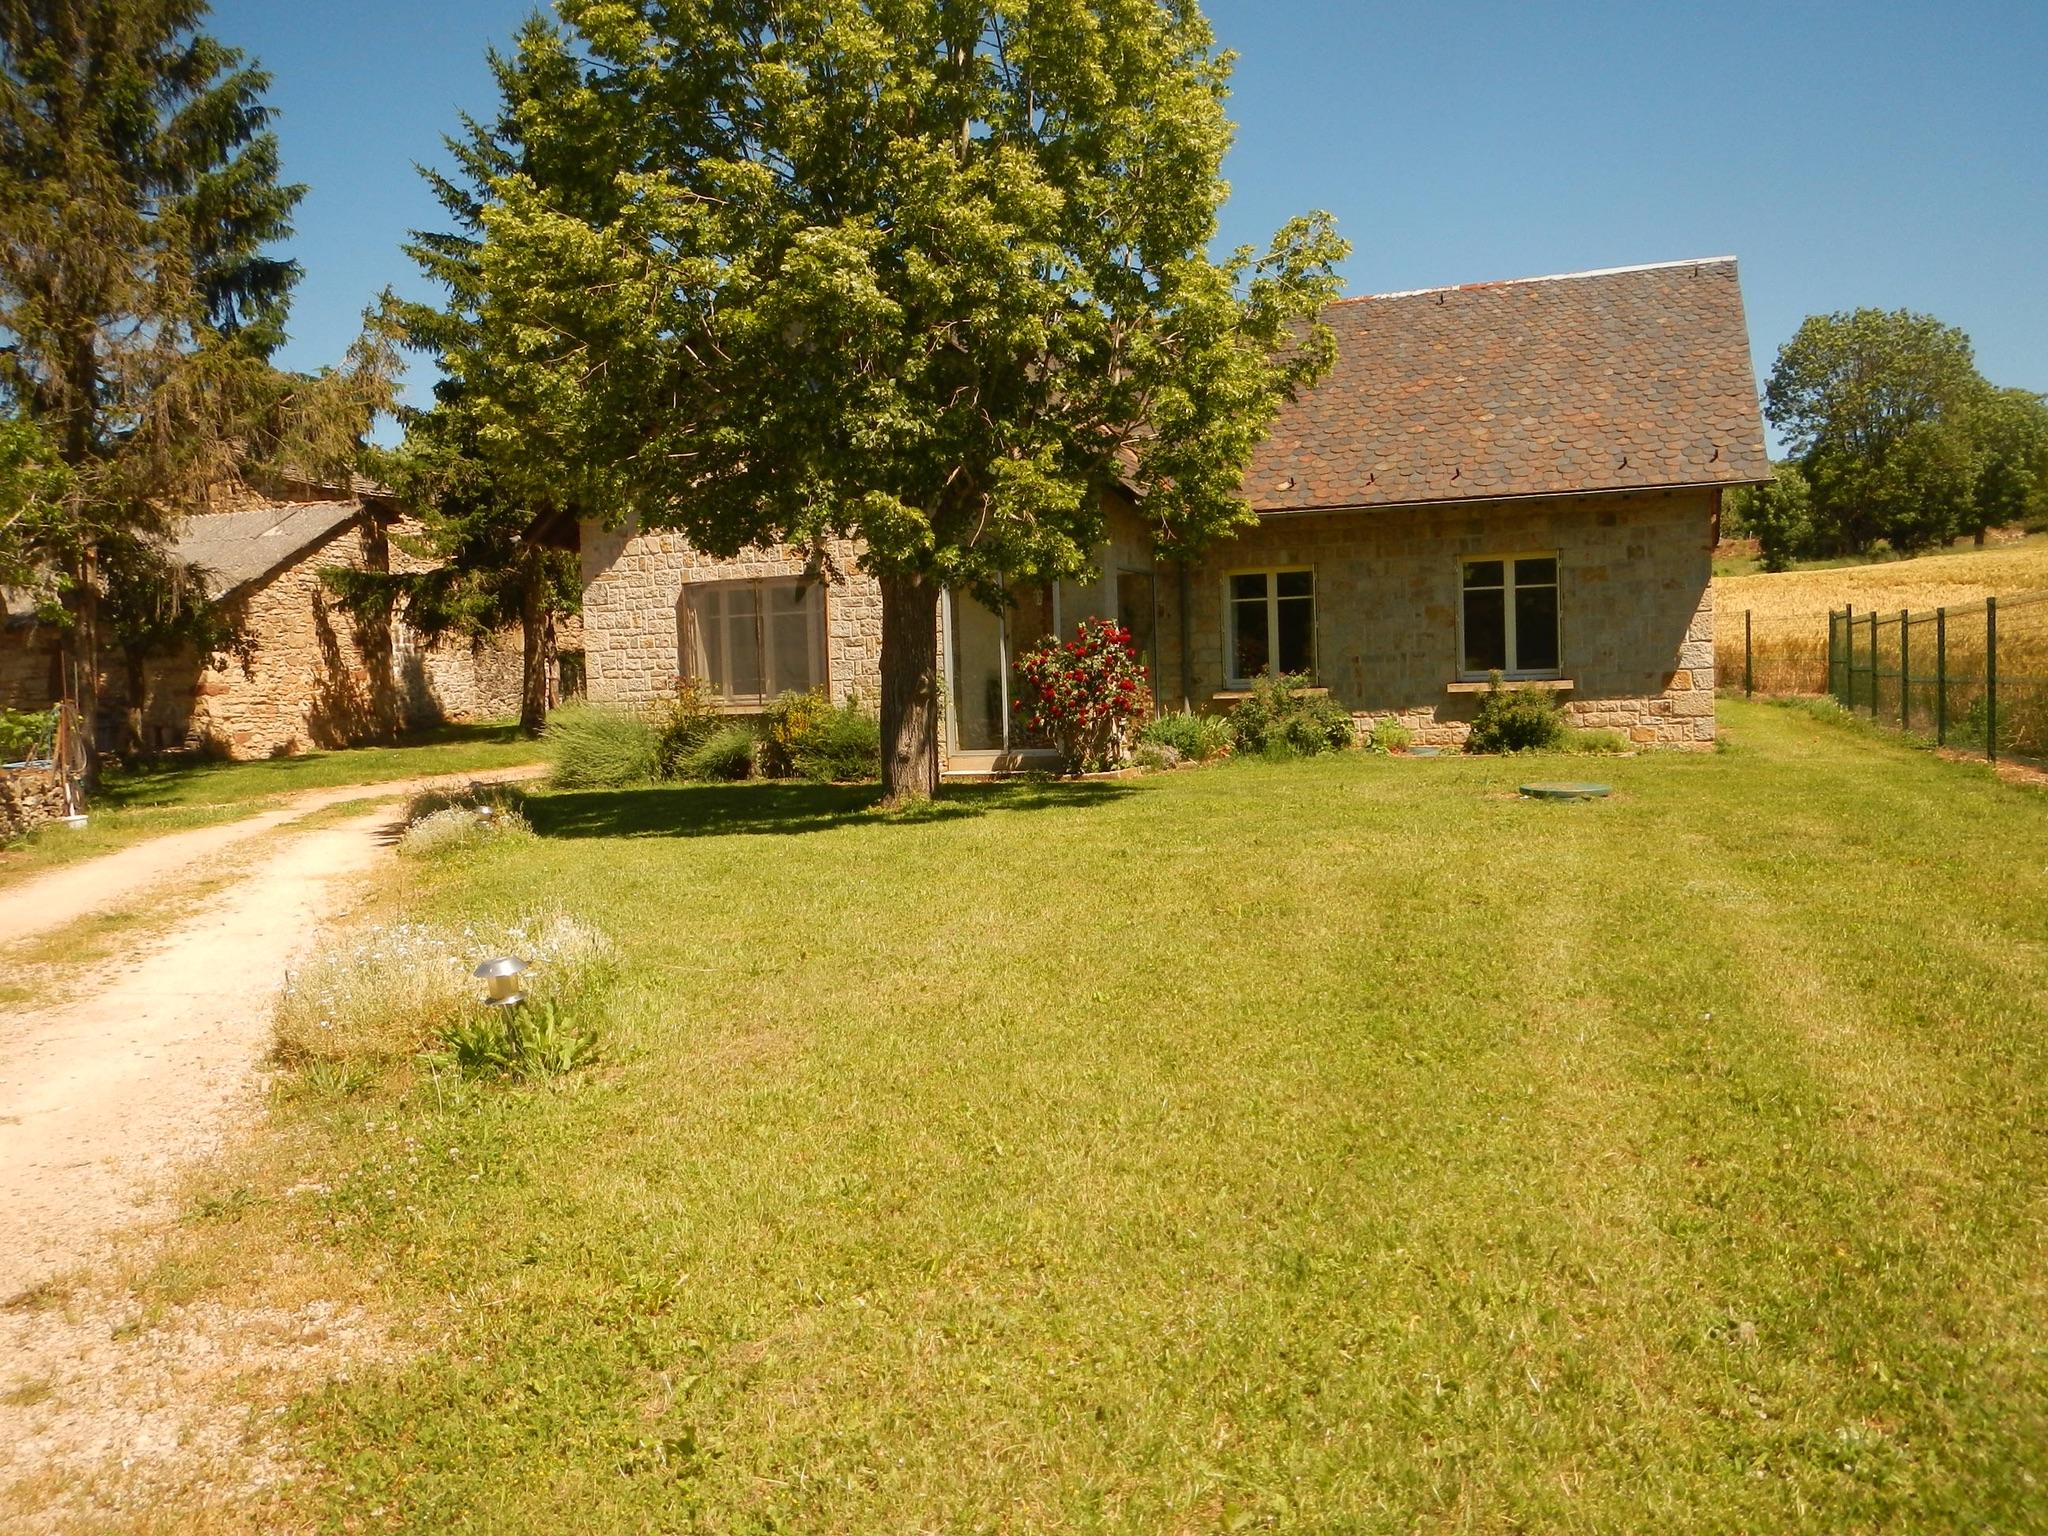 Ferienhaus Haus mit 6 Zimmern in Banassac mit toller Aussicht auf die Berge und eingezäuntem Garten - (2202056), Banassac, Lozère, Languedoc-Roussillon, Frankreich, Bild 1